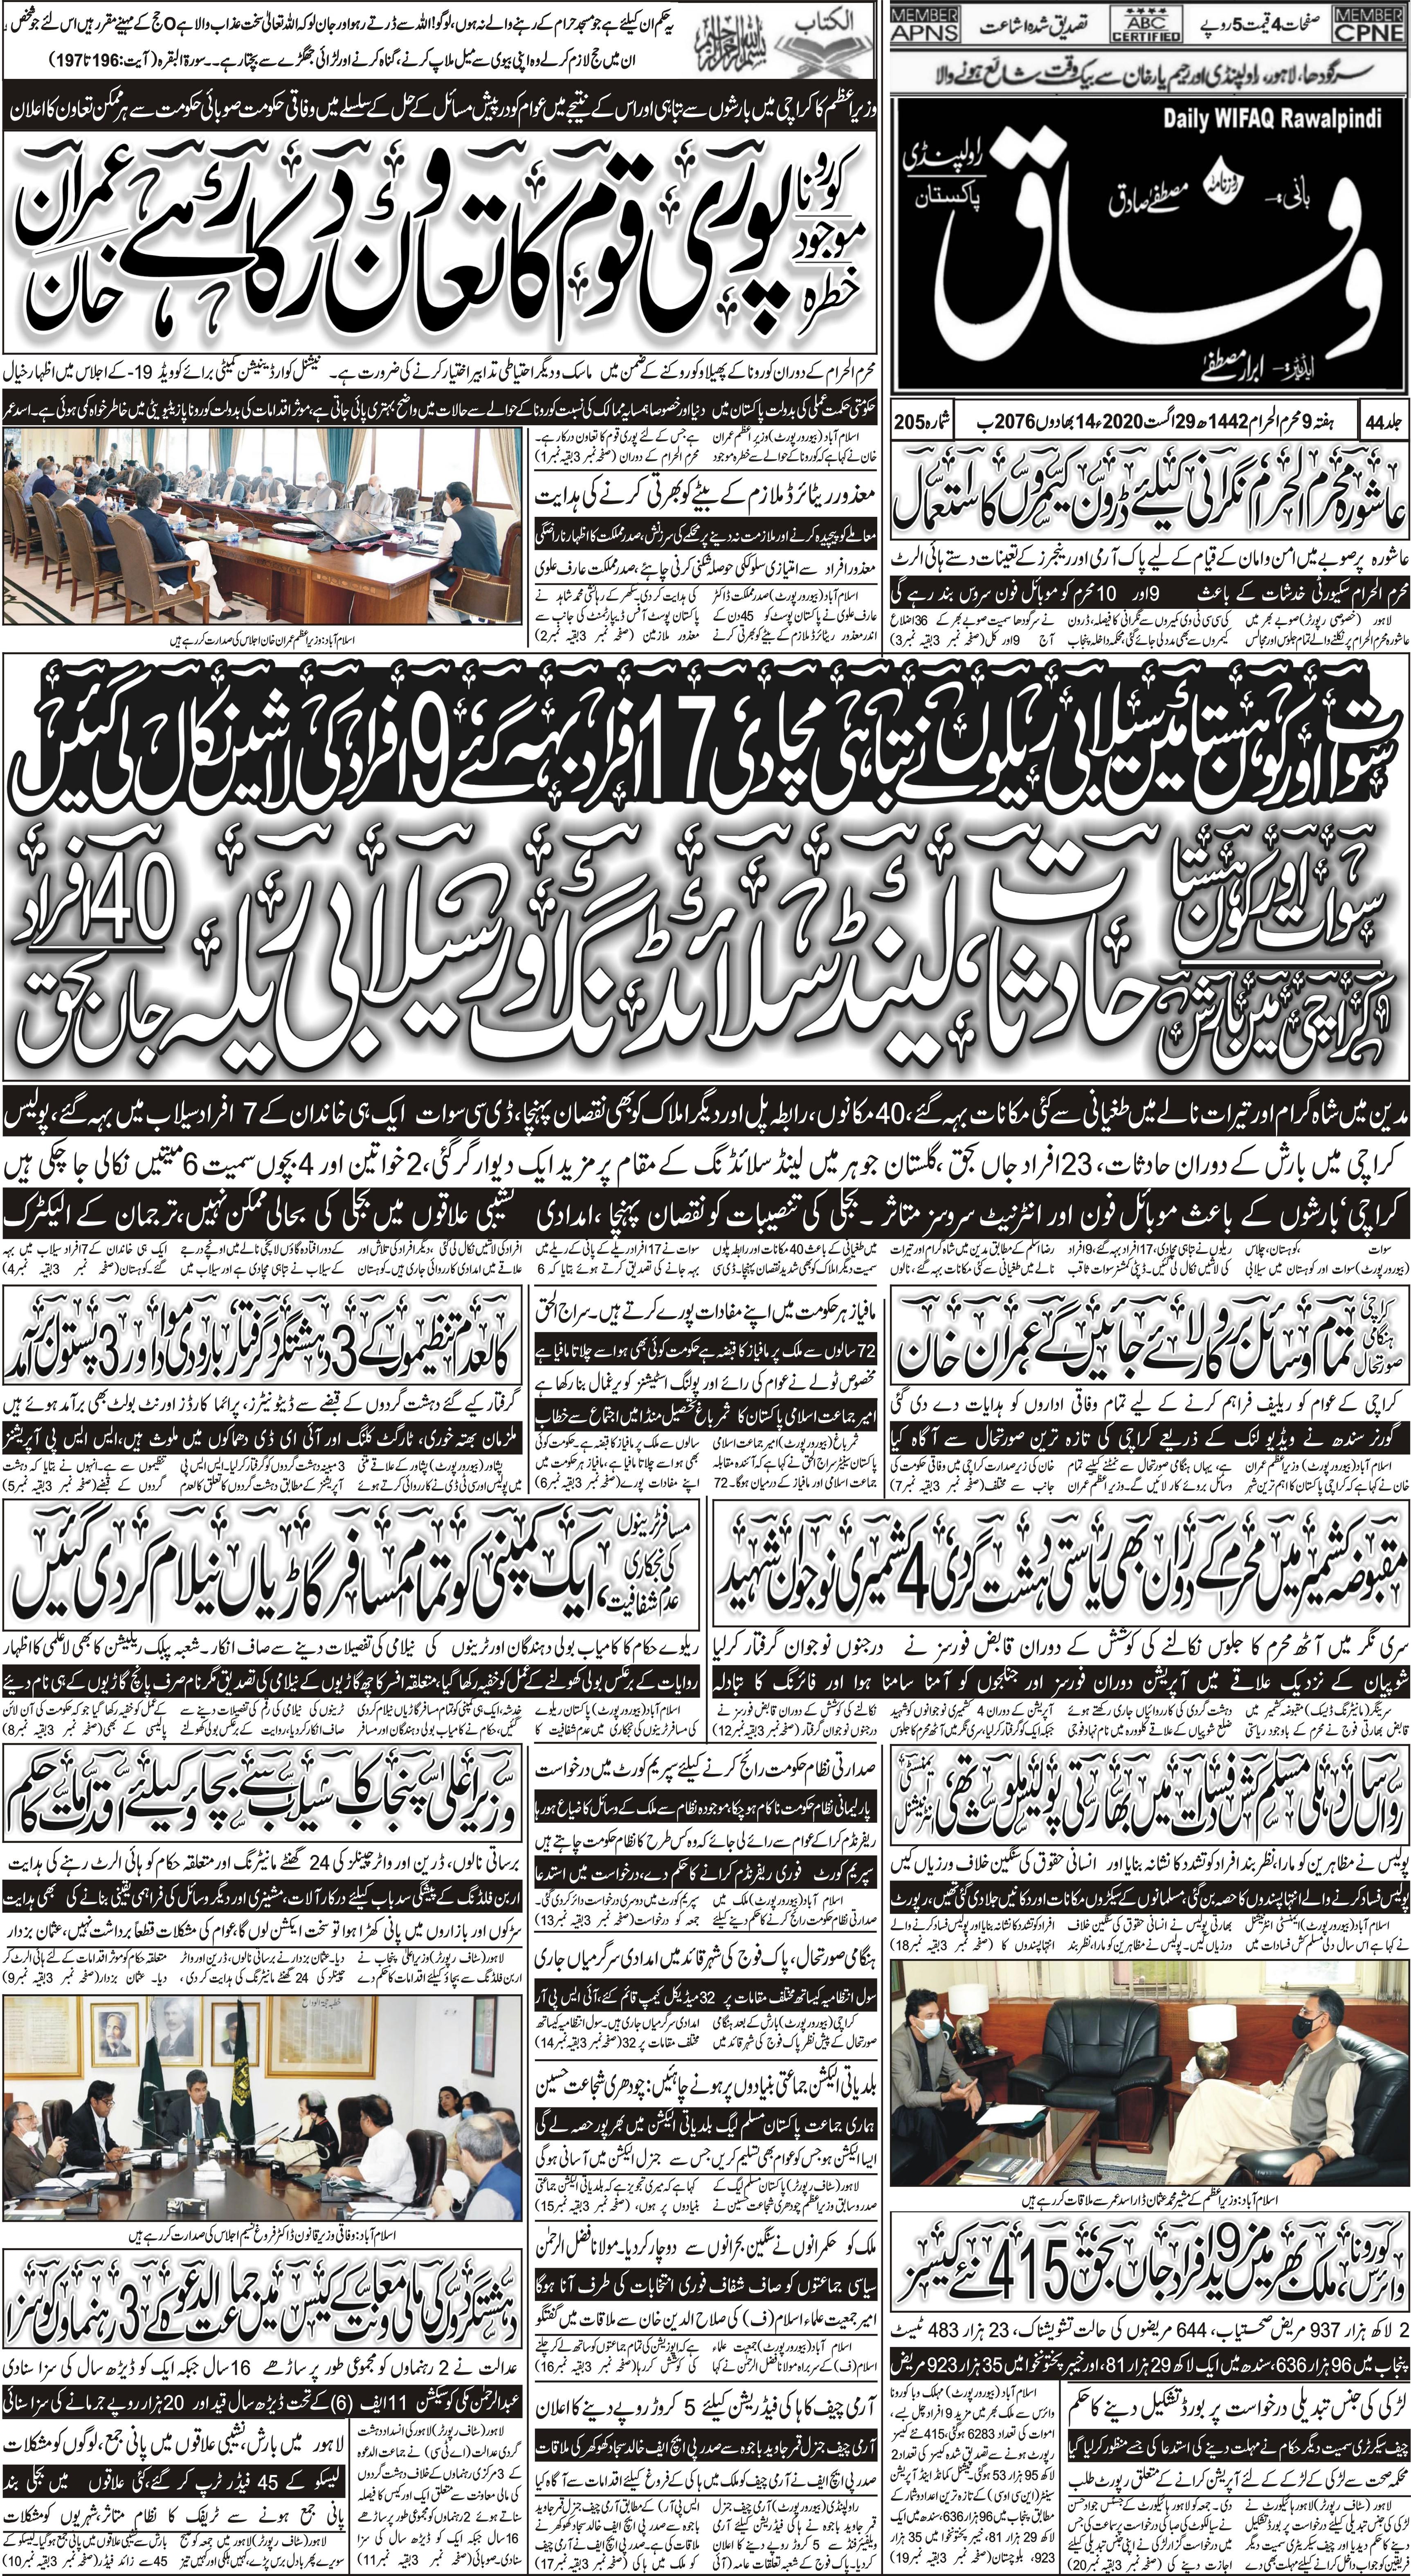 e-Paper – Daily Wifaq – Rawalpindi – 29-08-2020